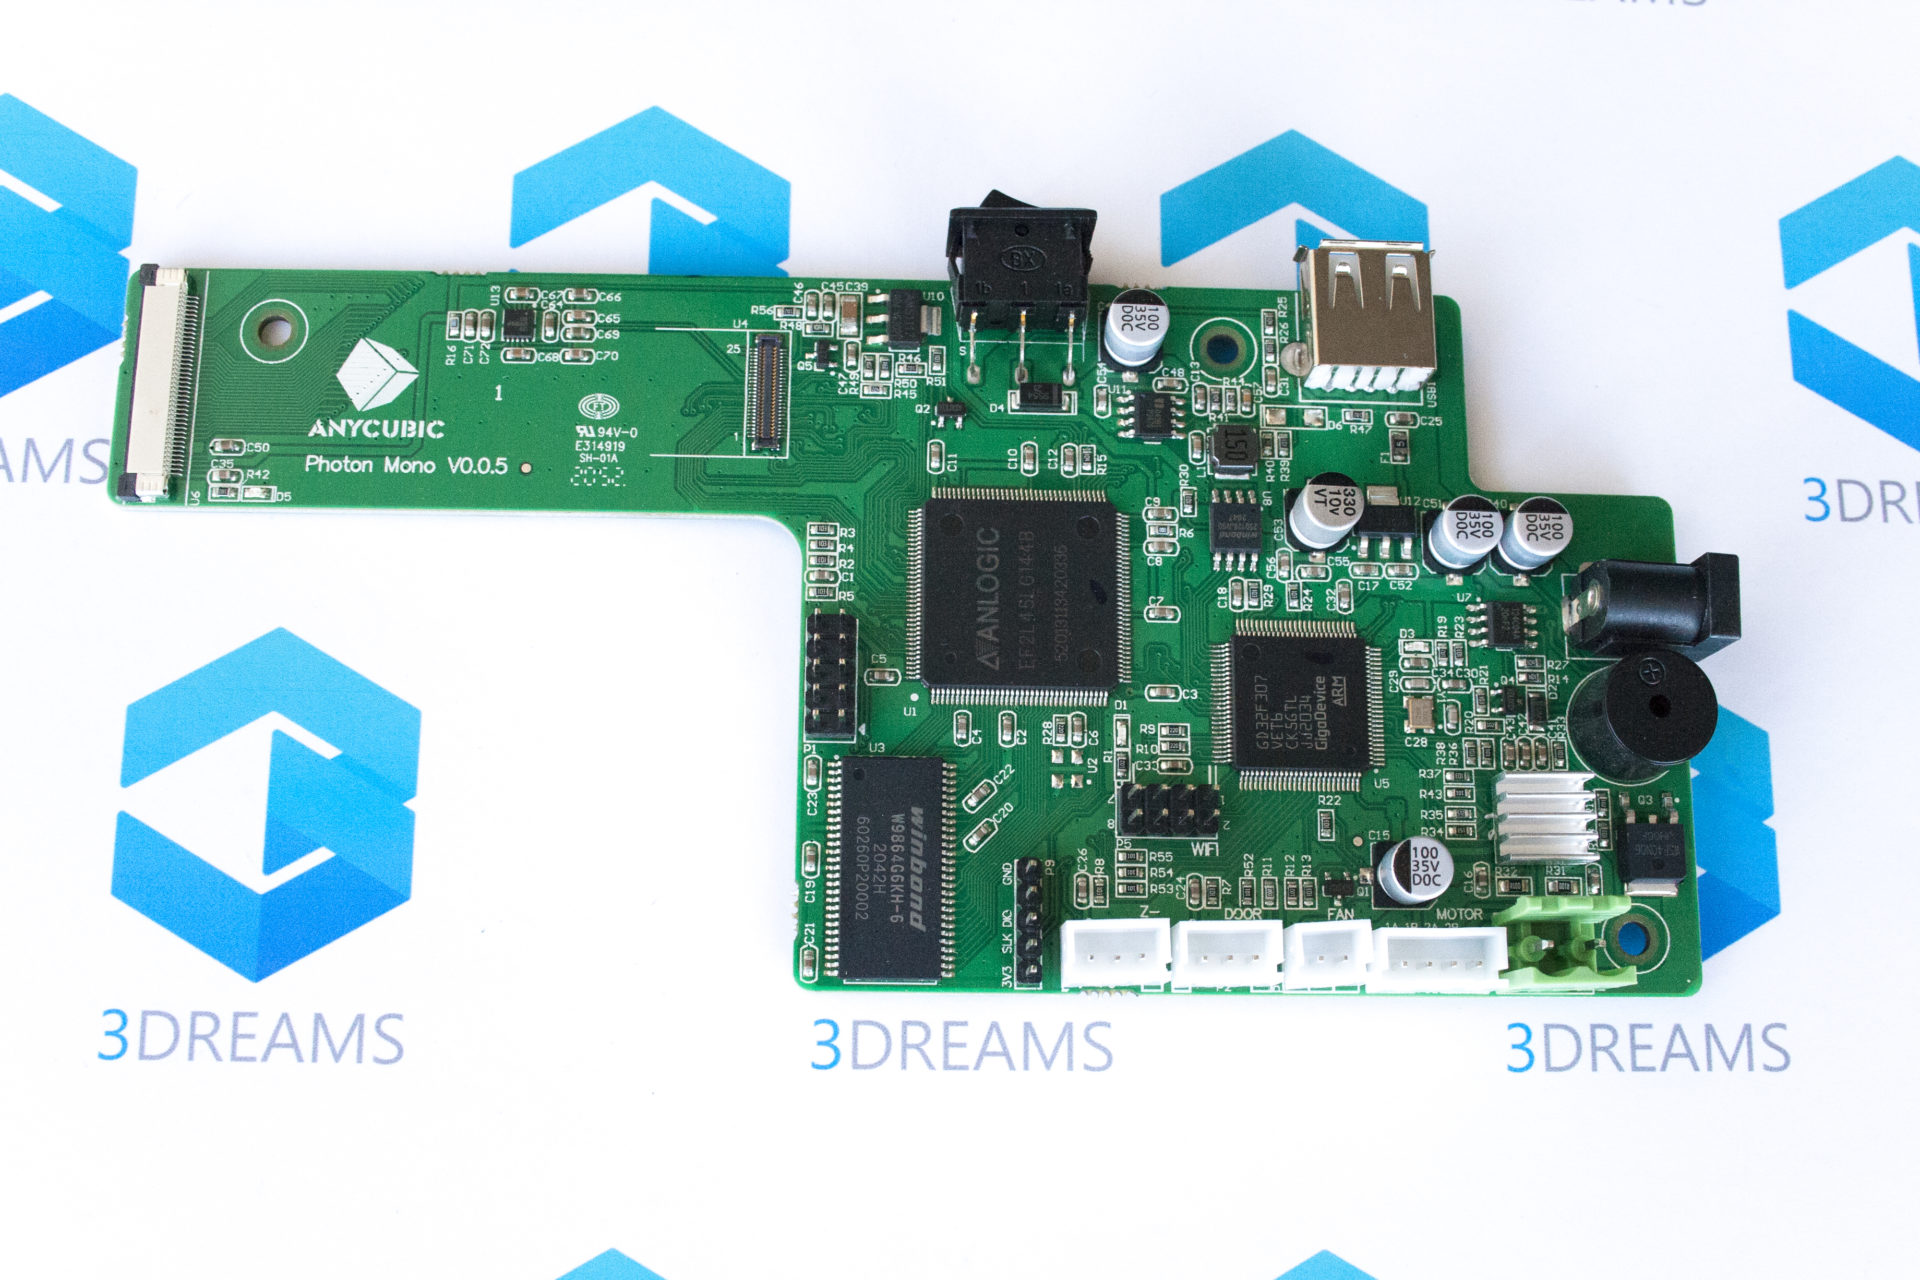 Материнская плата управления для 3D принтера Anycubic Photon Mono купить украина 1